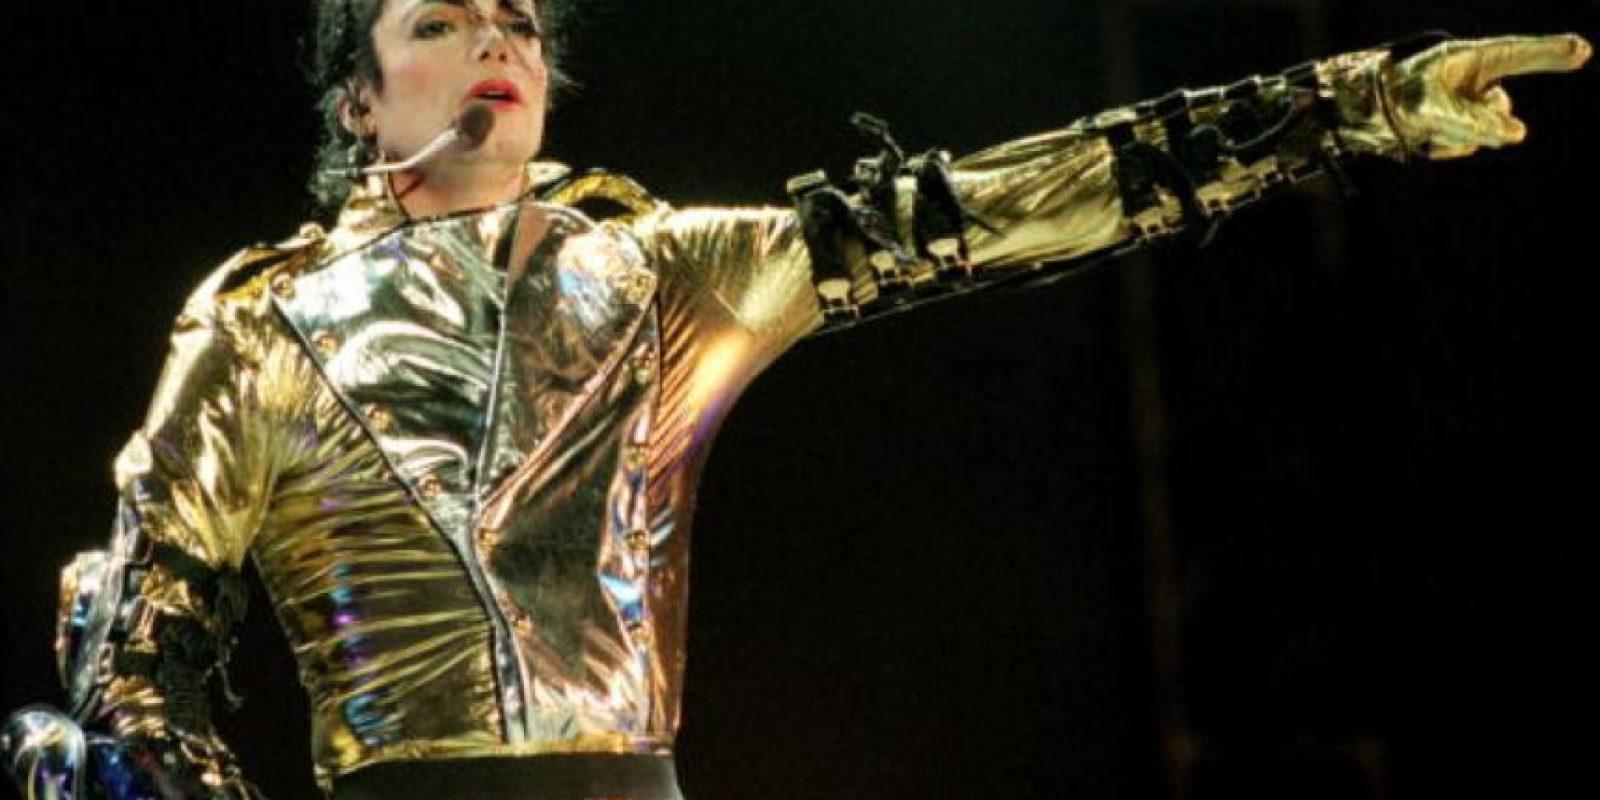 De Michael Jackson se dijo que apareció en Neverland, días después de su muerte. Foto:vía Getty Images